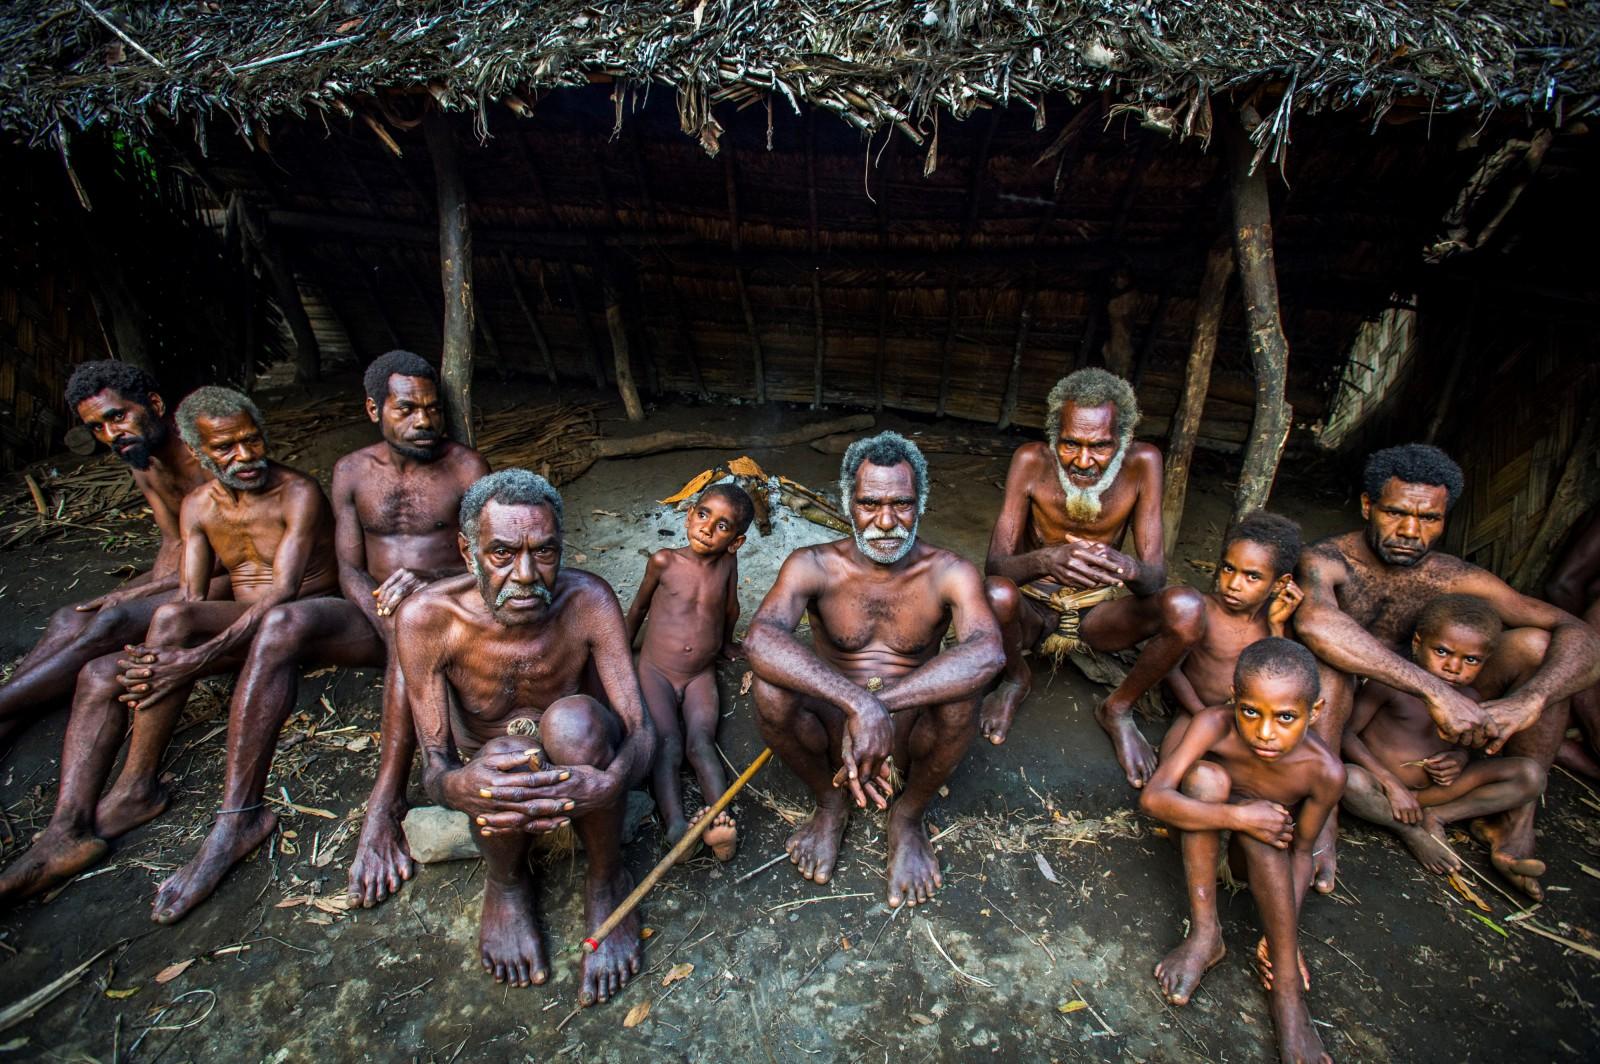 Naši průvodcipo cestě Novou Kaledonií